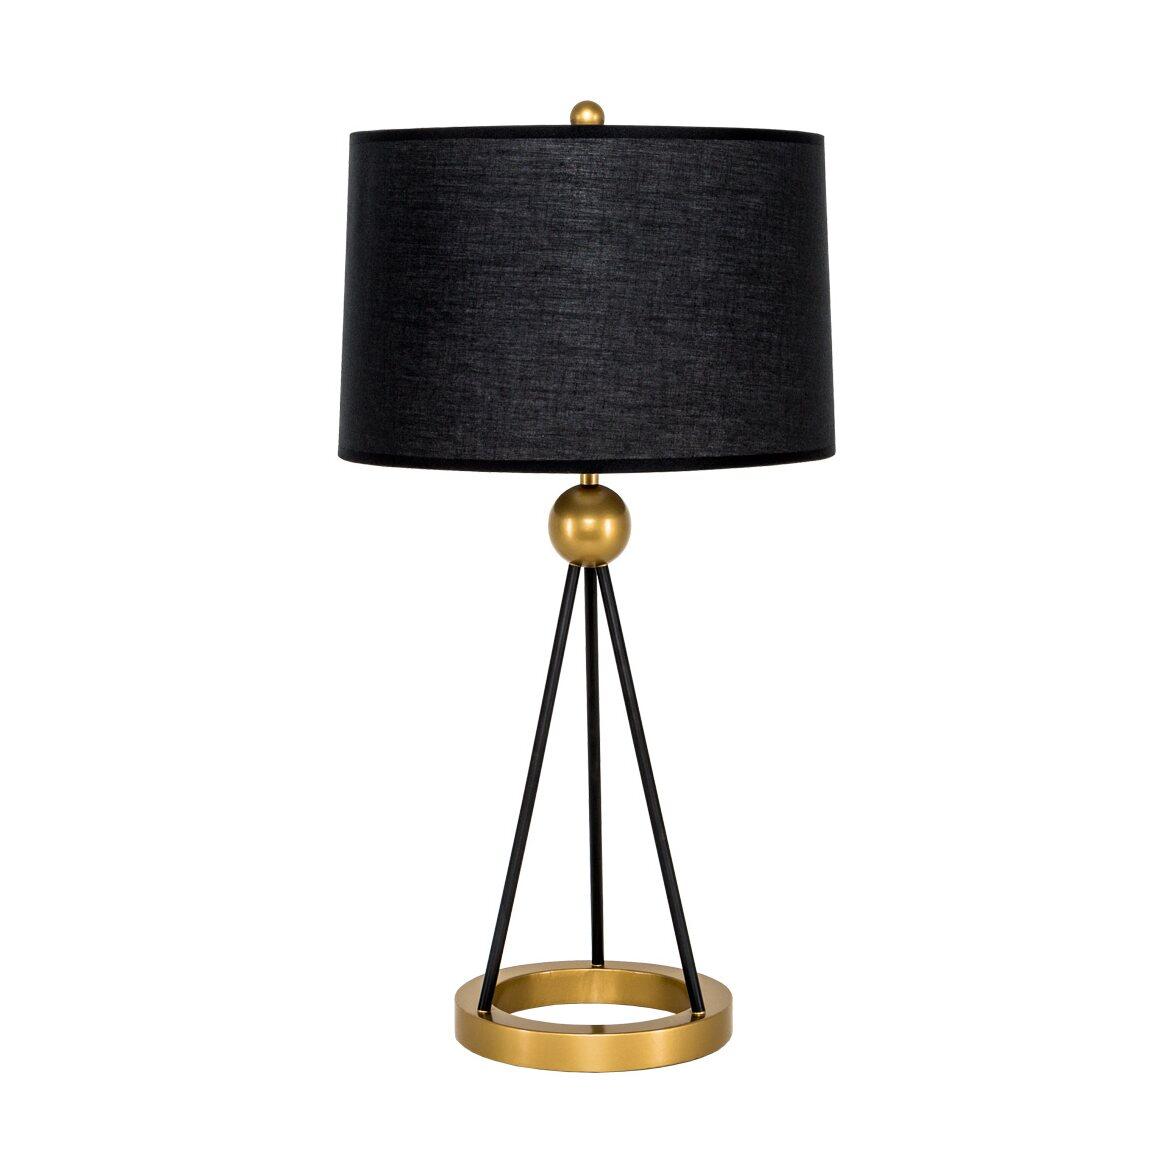 Настольная лампа «Чикаго» | Настольные лампы Kingsby